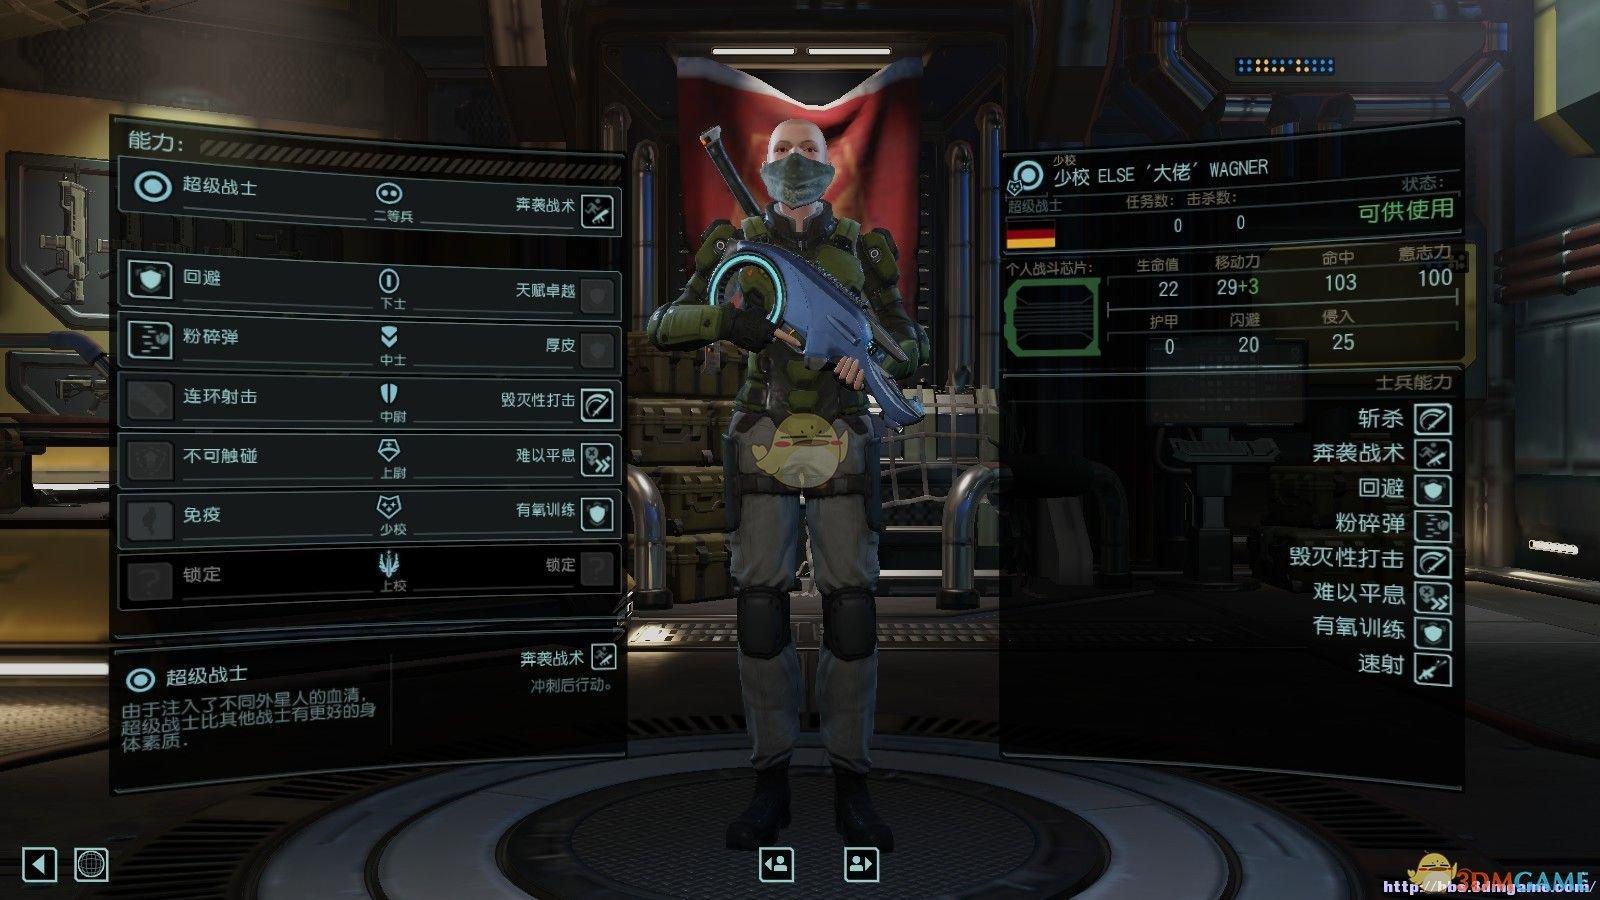 《幽浮2》超级士兵MOD